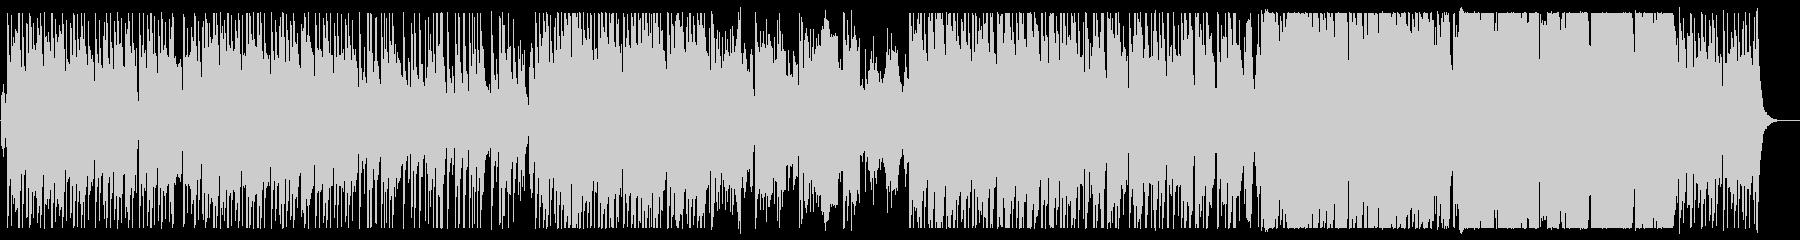 美しく清らかな弦管楽器シンセサウンドの未再生の波形